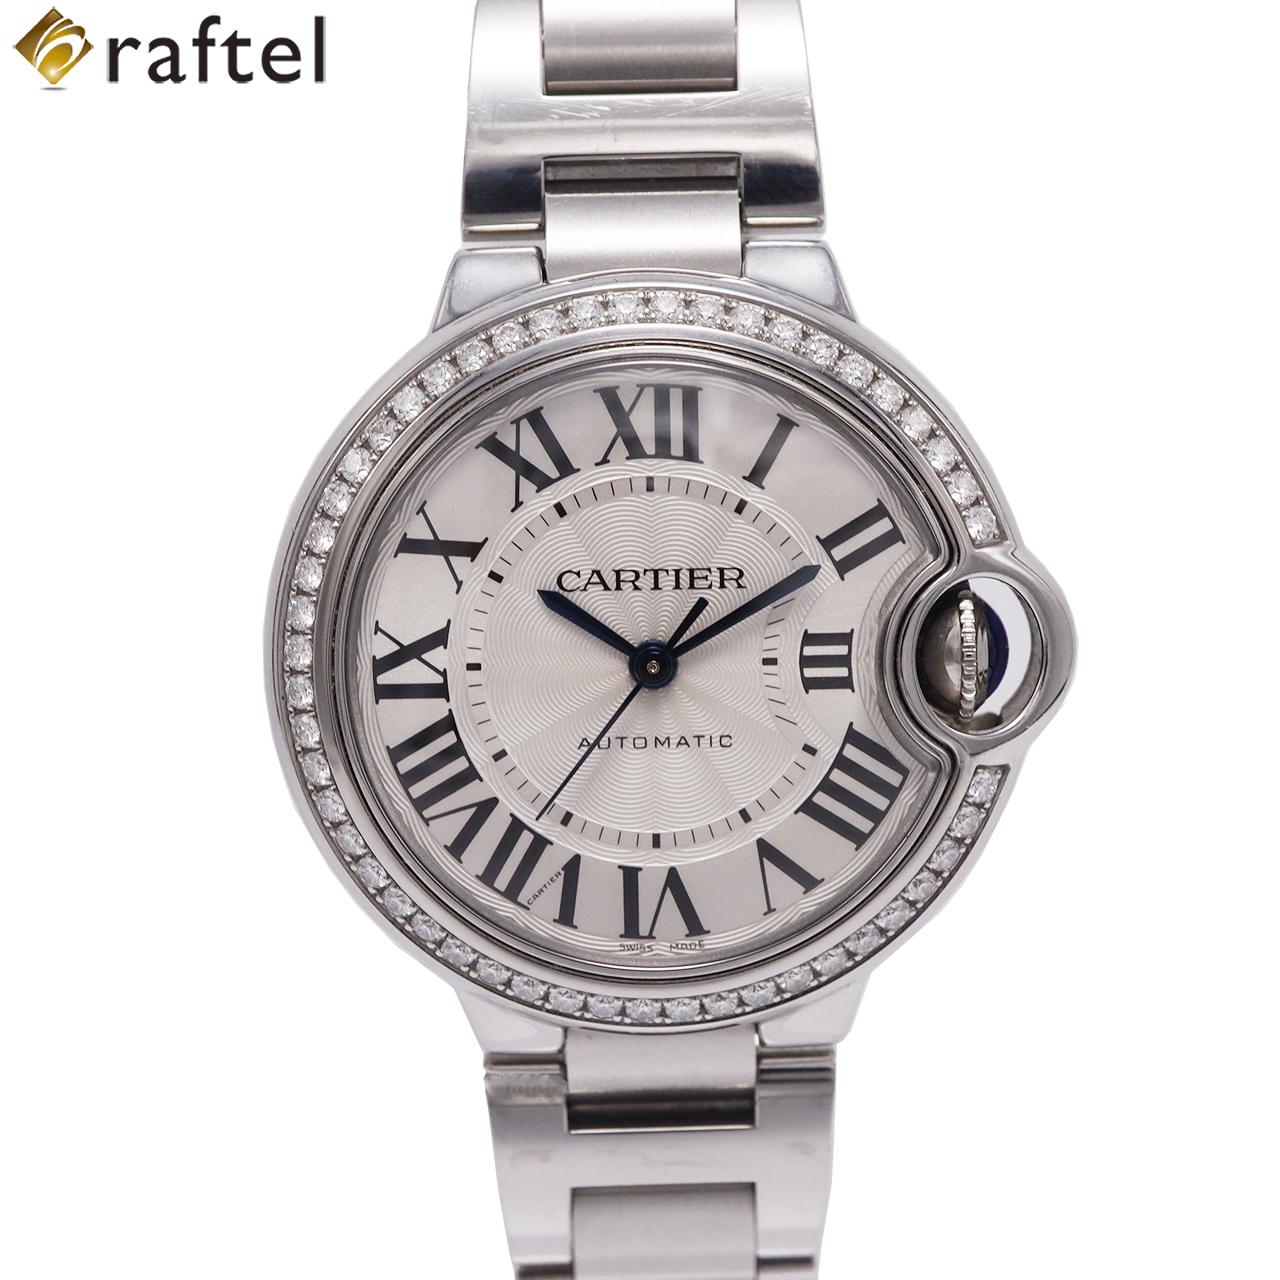 カルティエの時計はどうすれば美品を保つことができる?